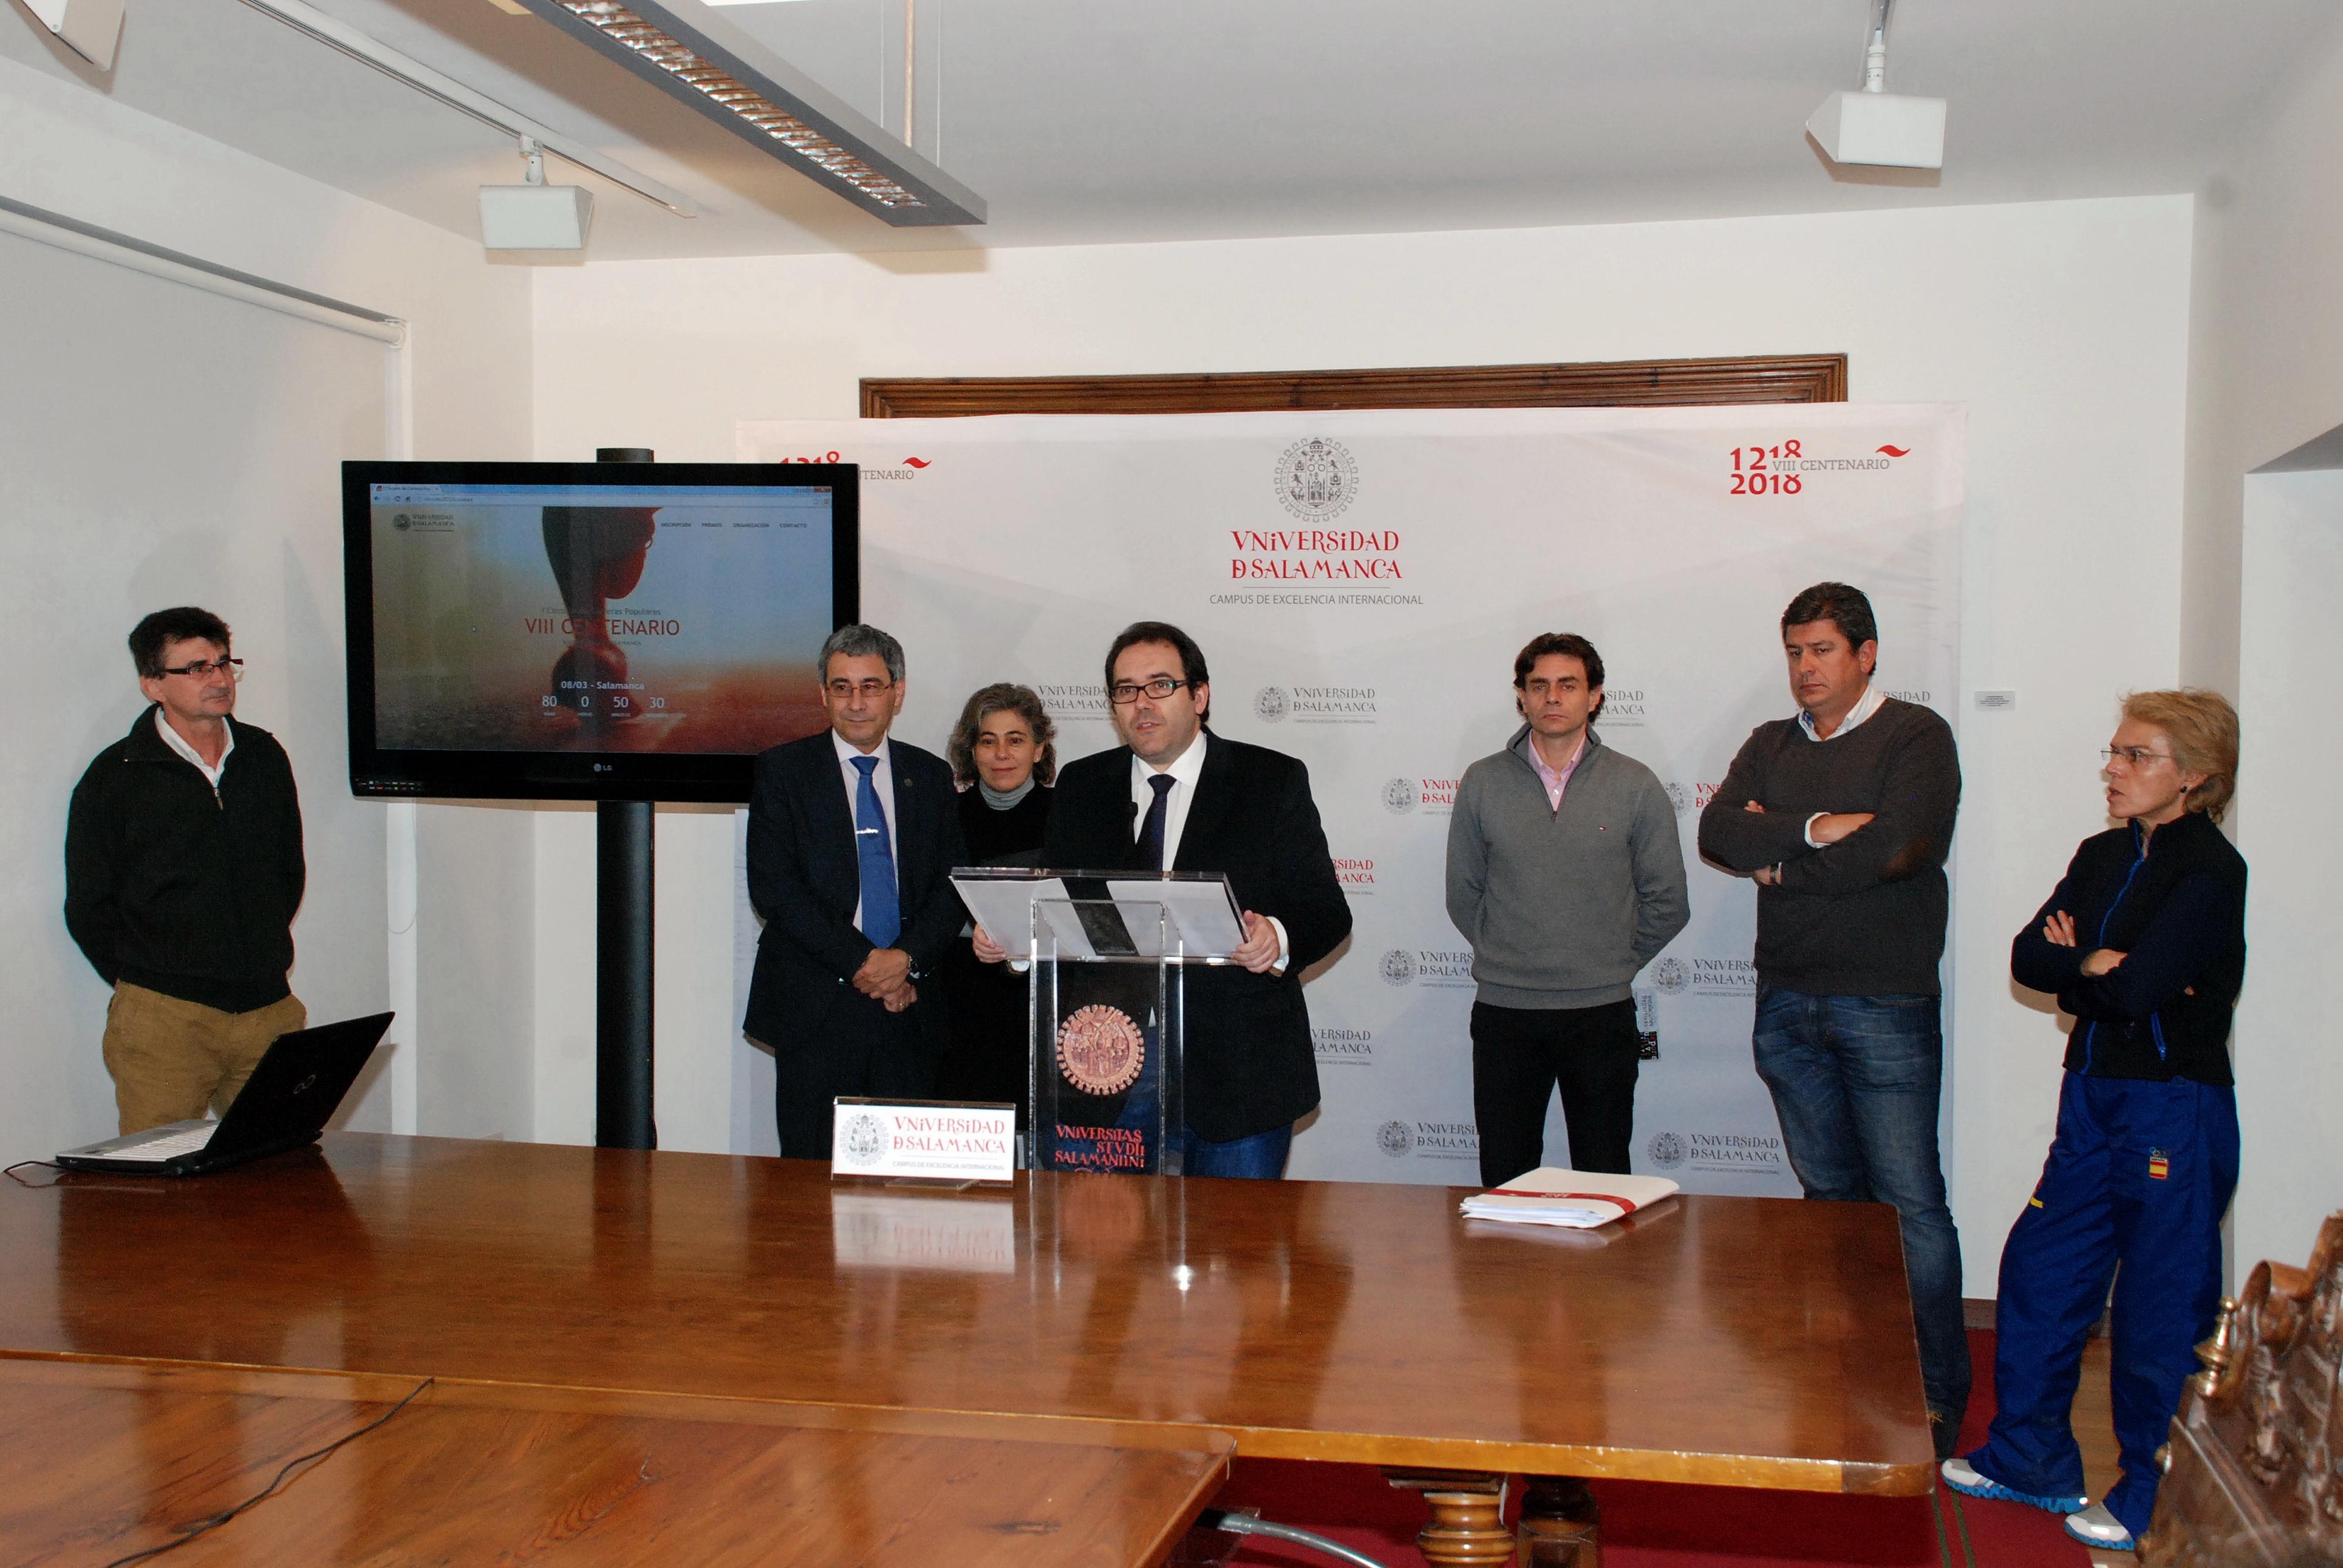 La Universidad de Salamanca promueve el deporte en la celebración de su VIII Centenario con un circuito de carreras populares